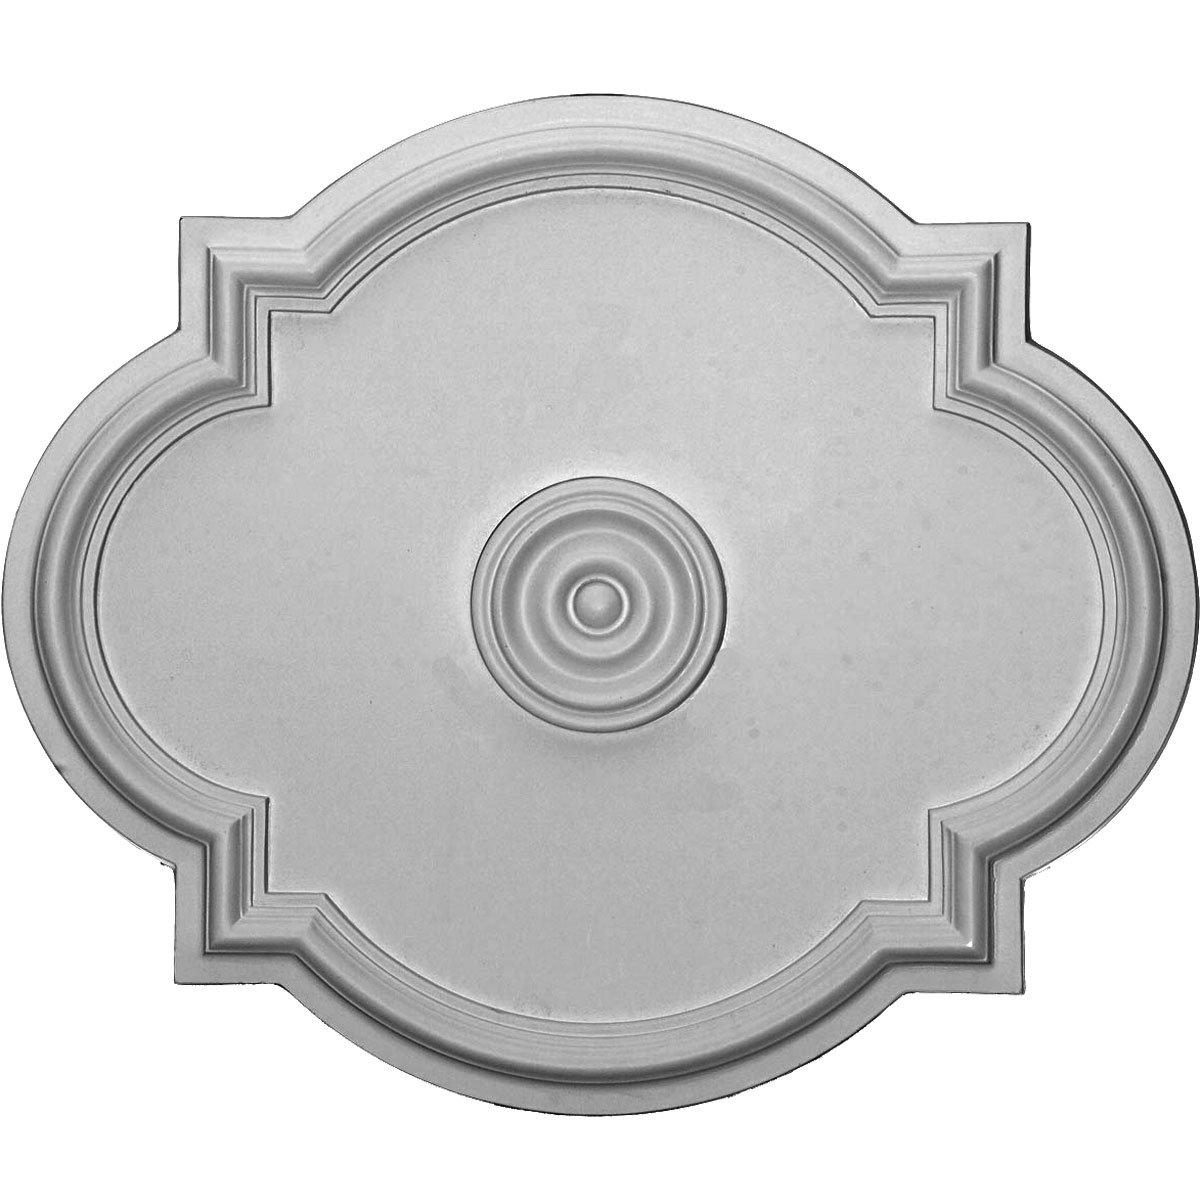 Ekena Millwork CM24WA 24-Inch x 20 1/2-Inch x 1 1/8-Inch Waltz Ceiling Medallion